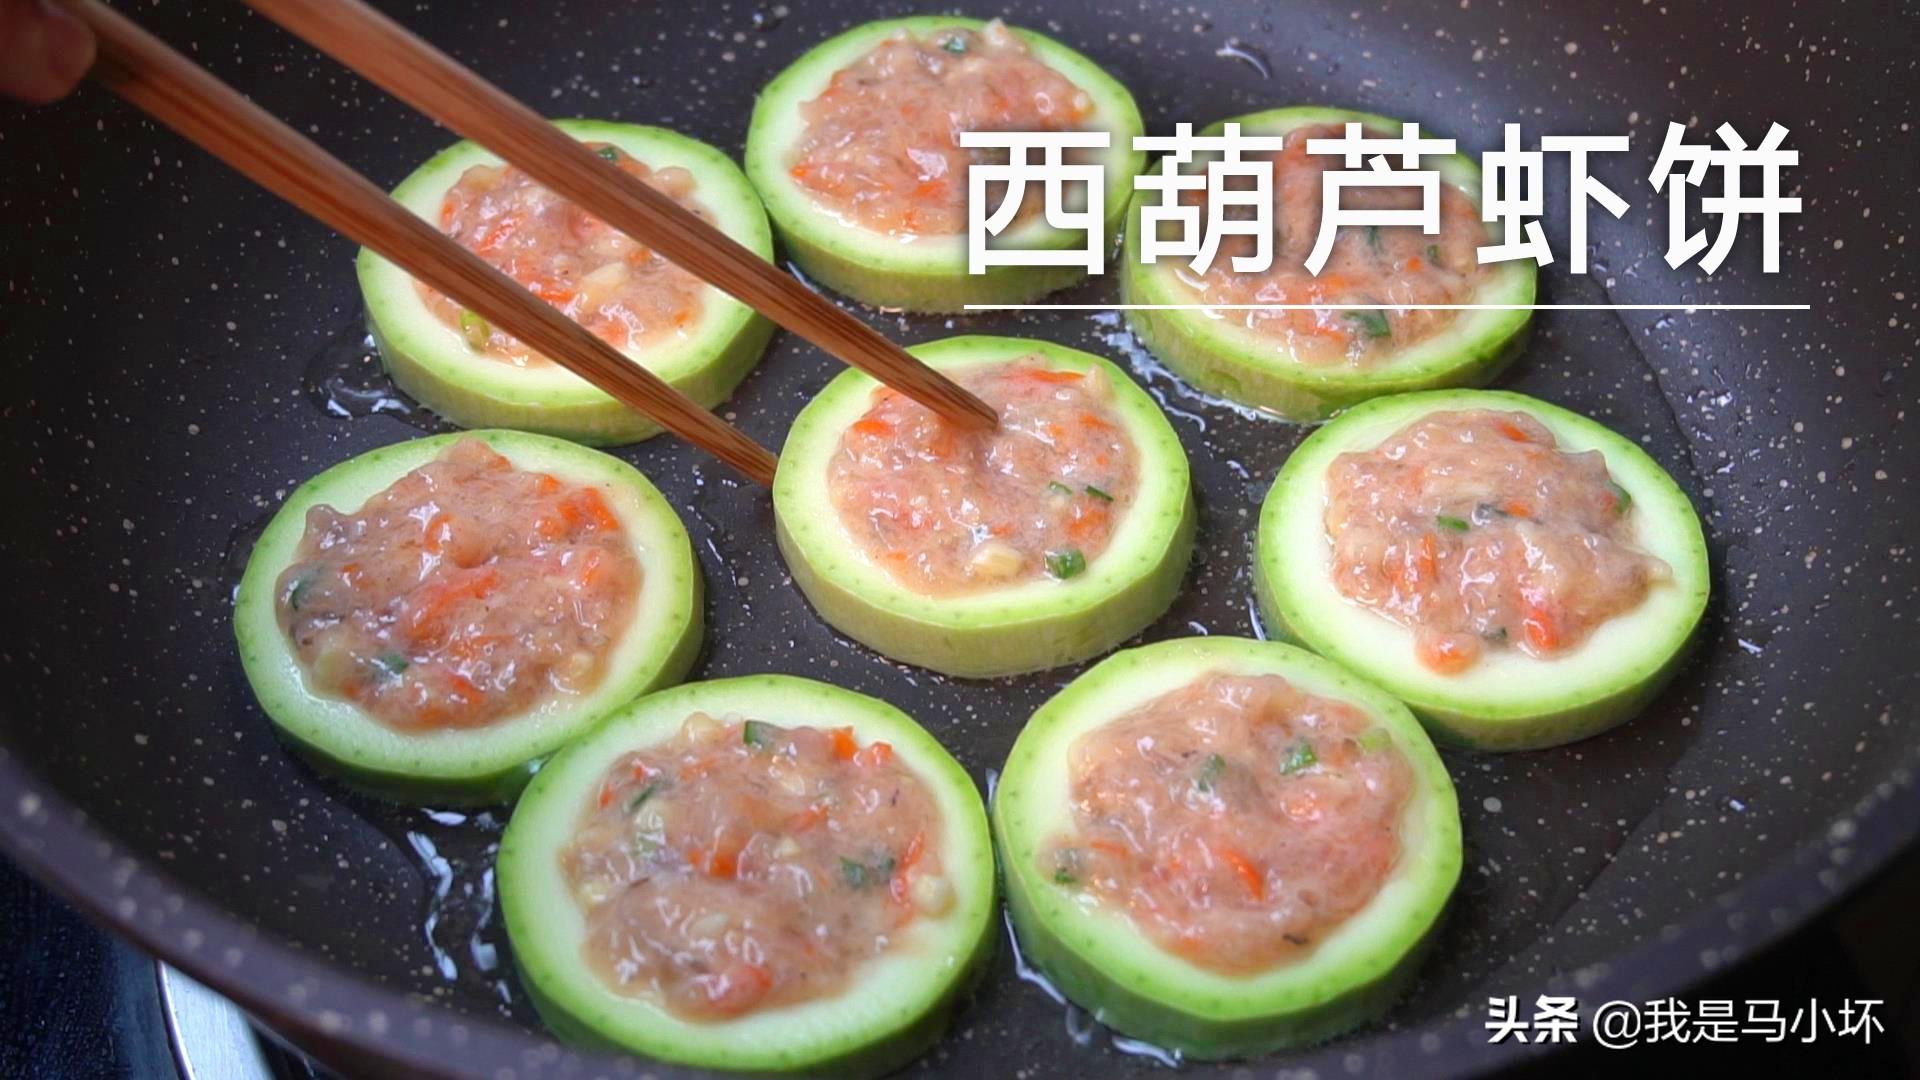 夏天老公和儿子最馋这菜,简单营养,出锅香味四溢,吃着特解馋 美食做法 第1张